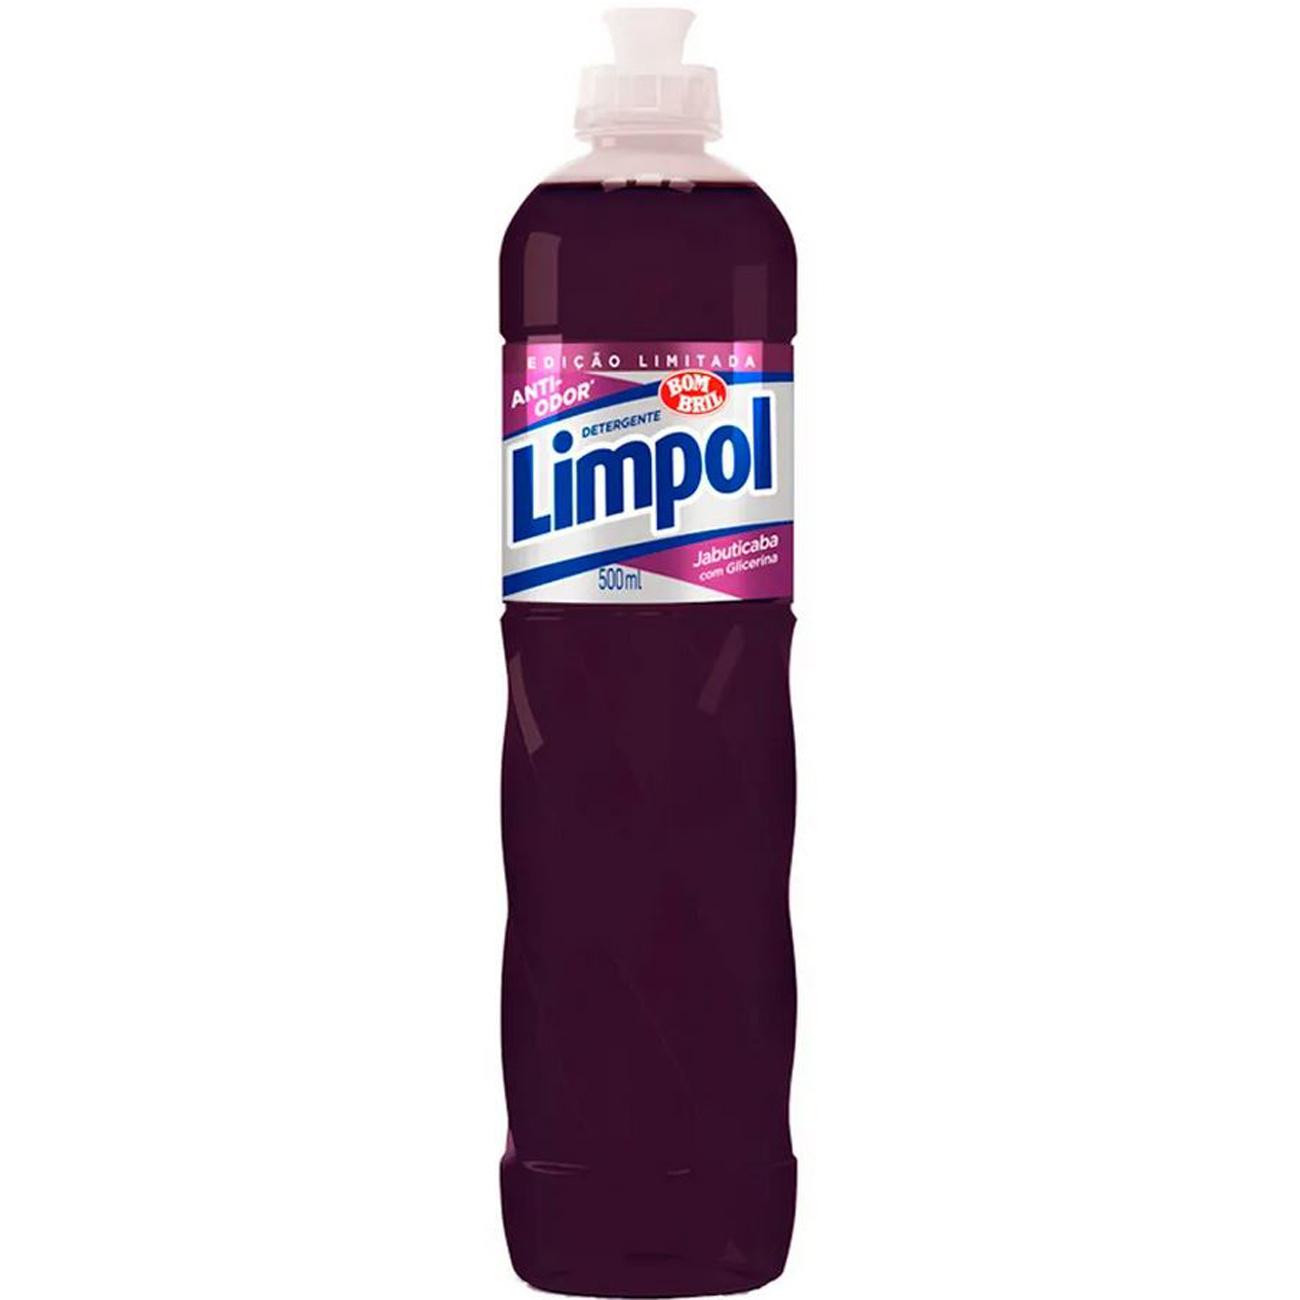 Detergente Liquida Limpol 500Ml Jabuticaba